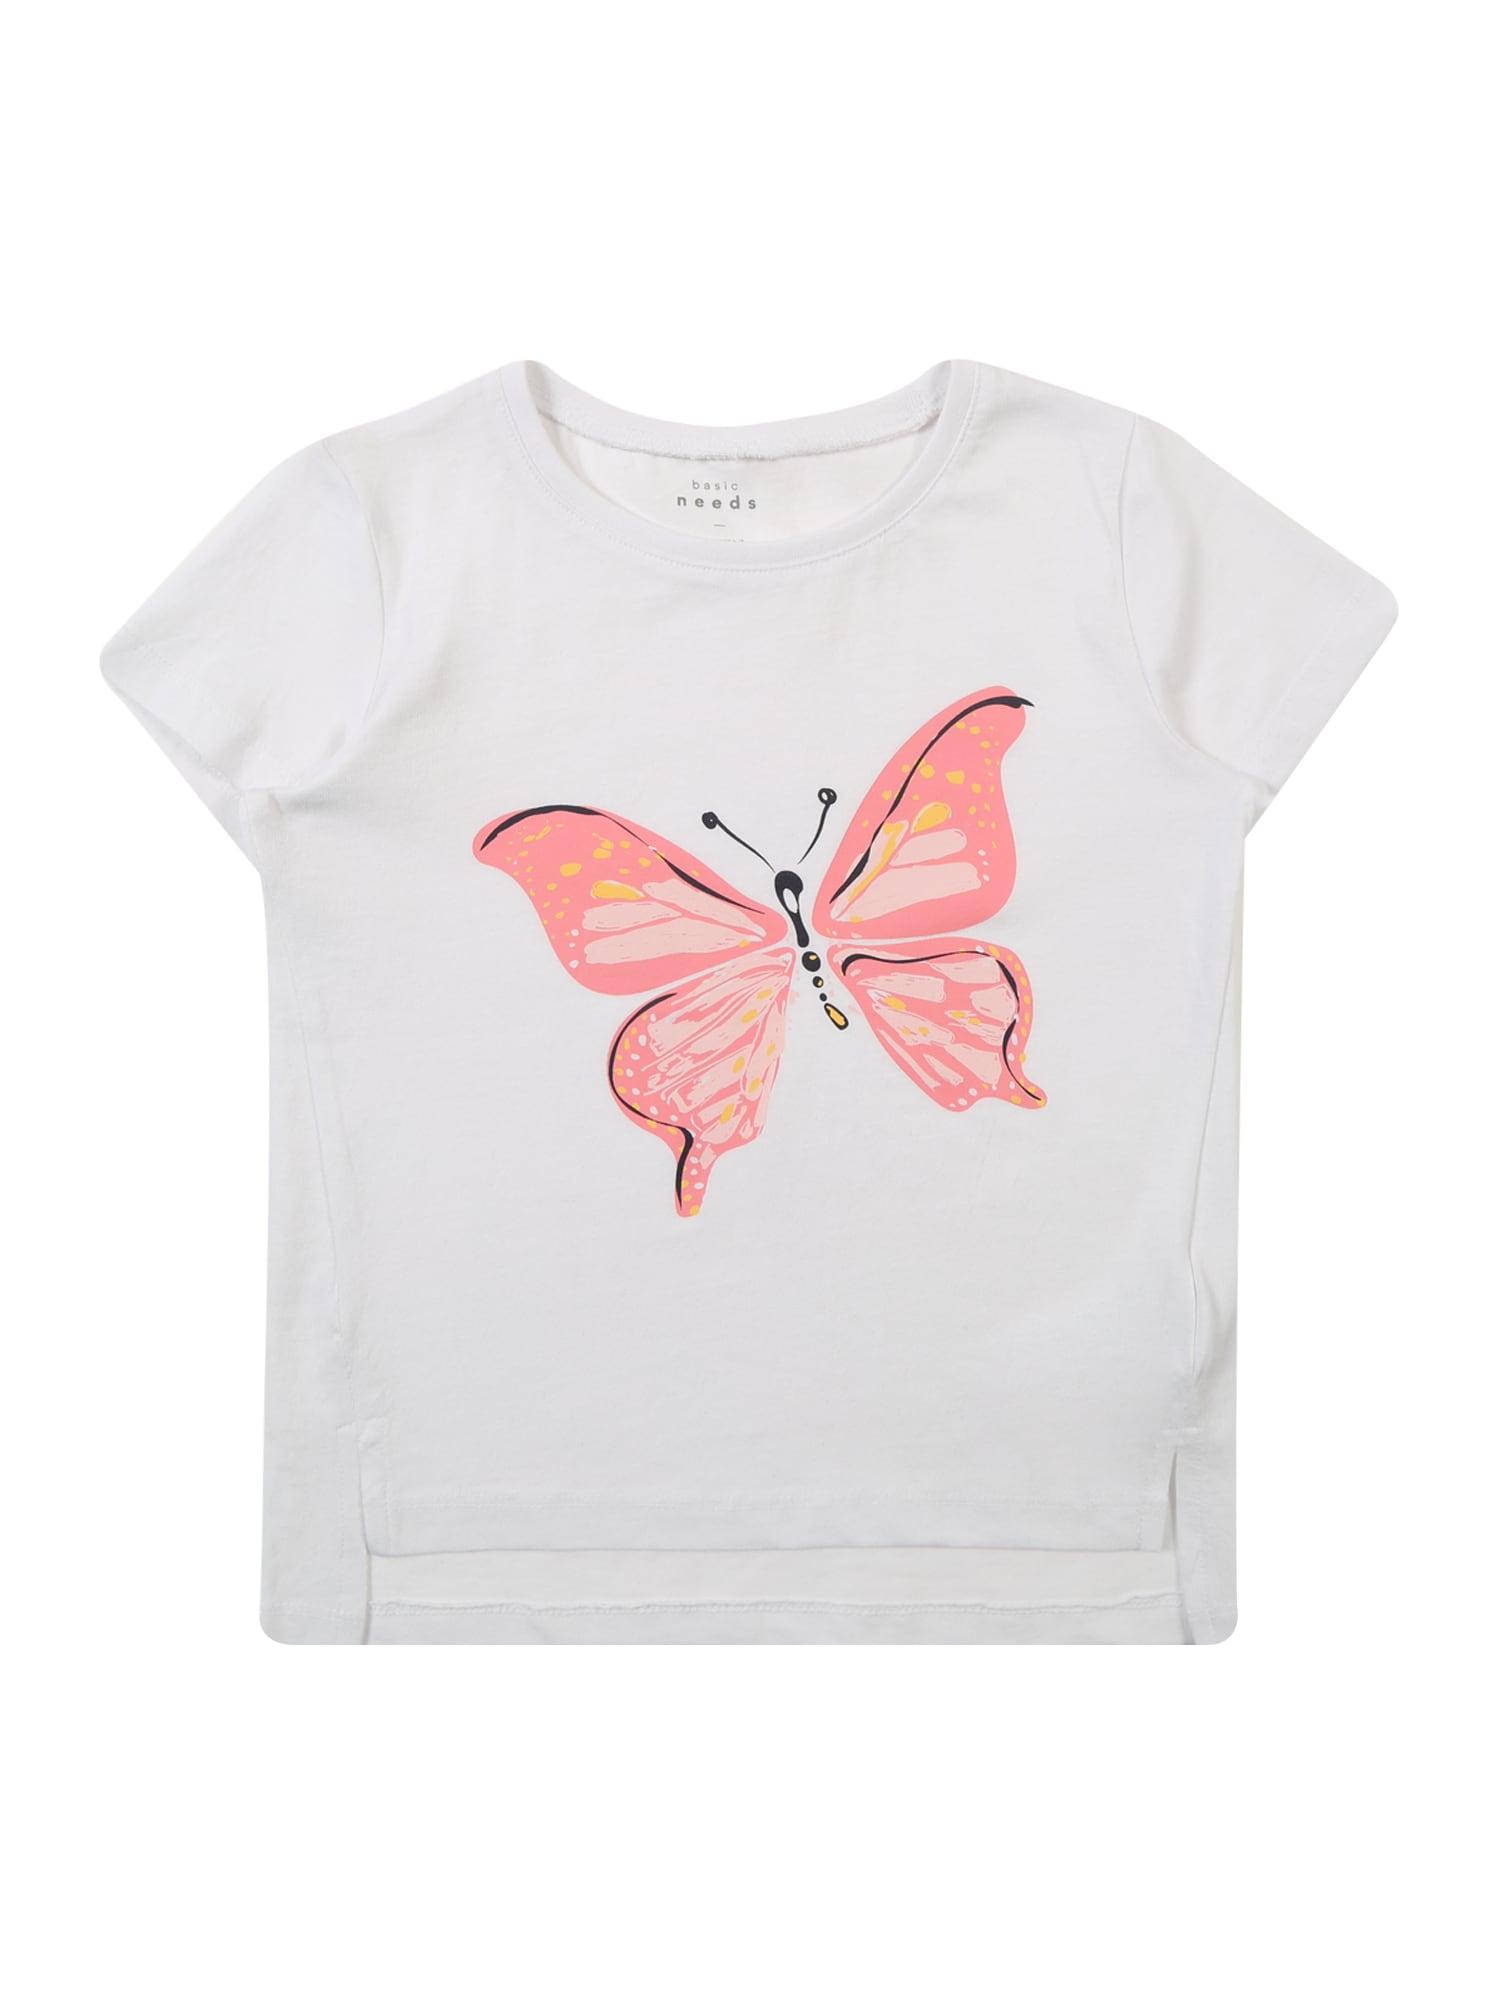 Tričko Via pink růžová bílá NAME IT